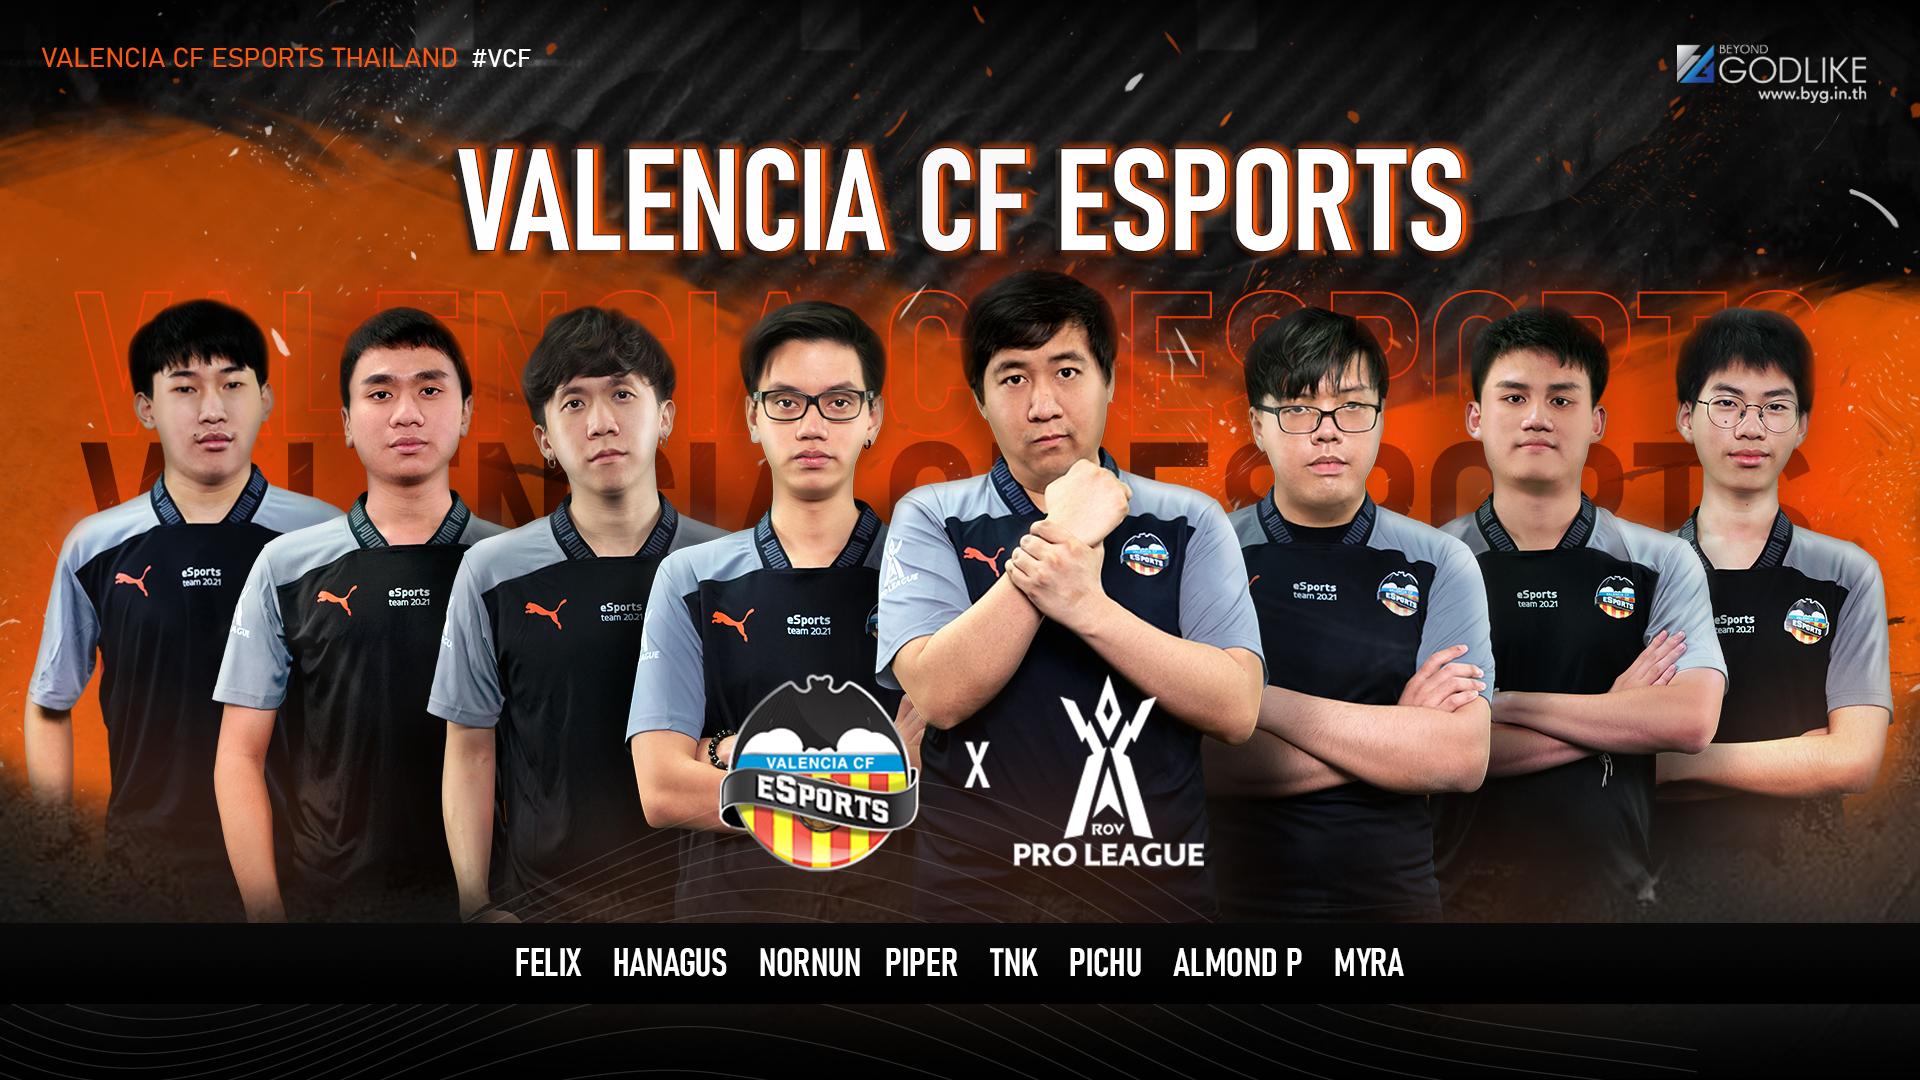 เปิดตัวแล้ว! กับนักแข่งมากฝีมือจากทีม Valencia CF Esports